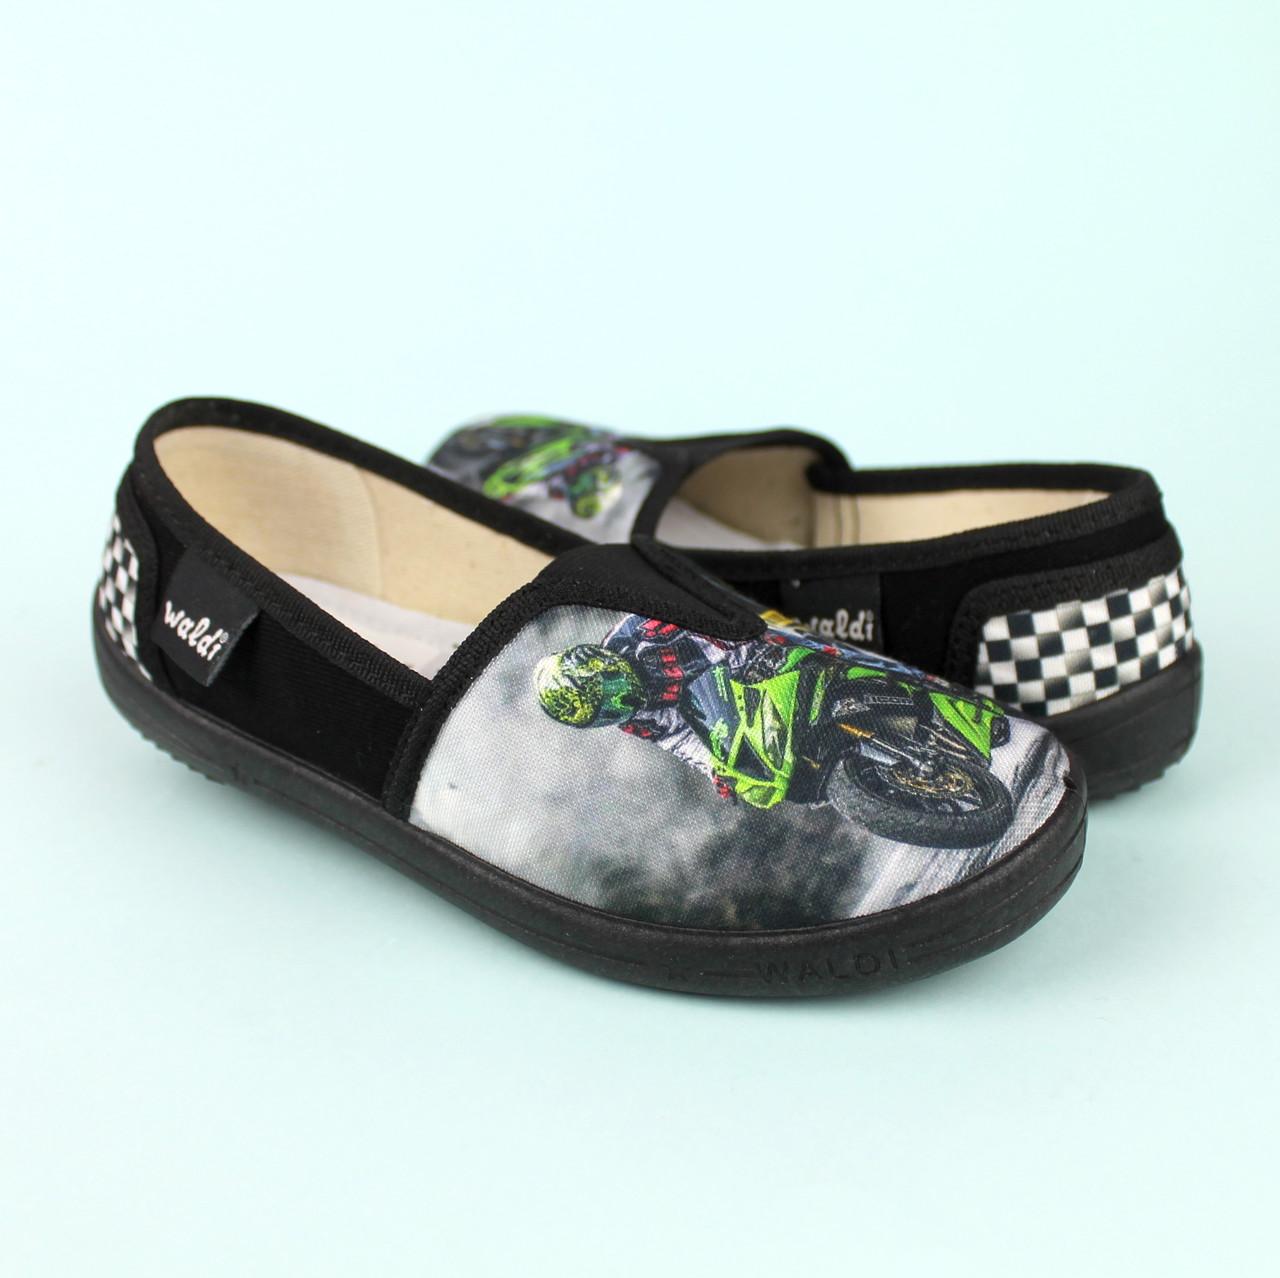 Детские текстильные туфли тапочки Еспадрильи мото черные тм Waldi размер 27,28,30